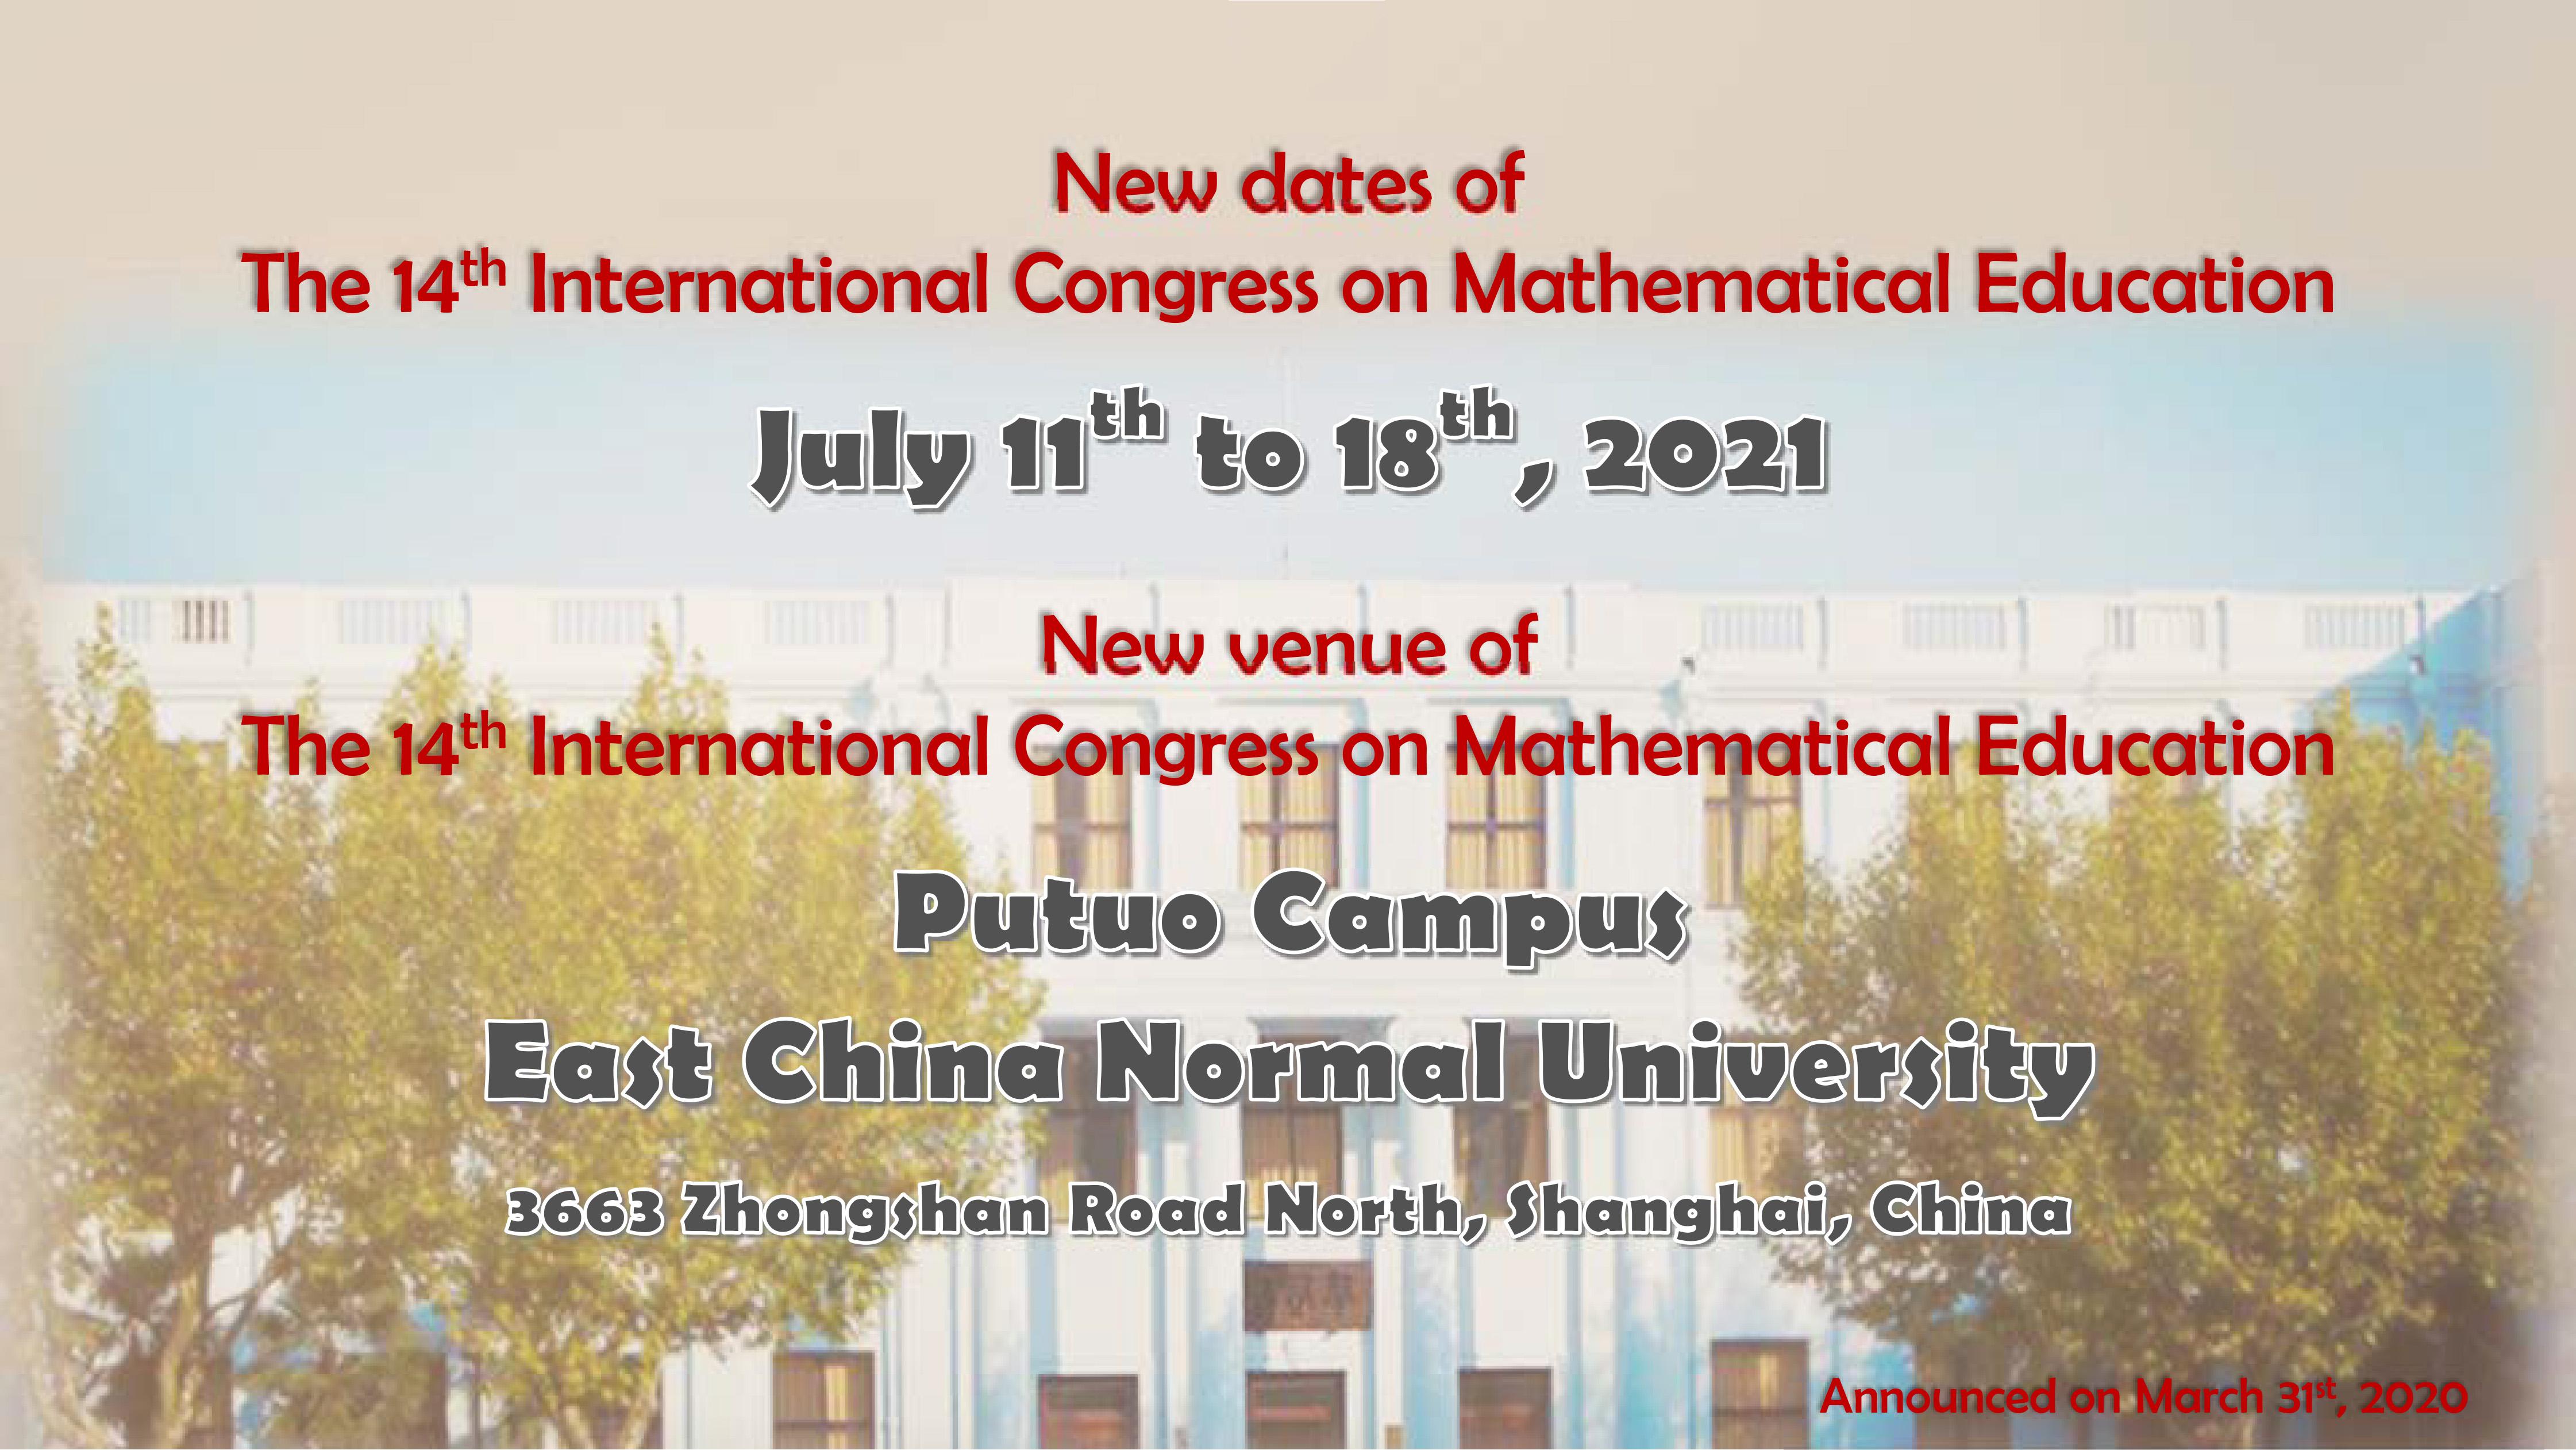 第14届国际数学教育大会才华,新会期跨出去,会址